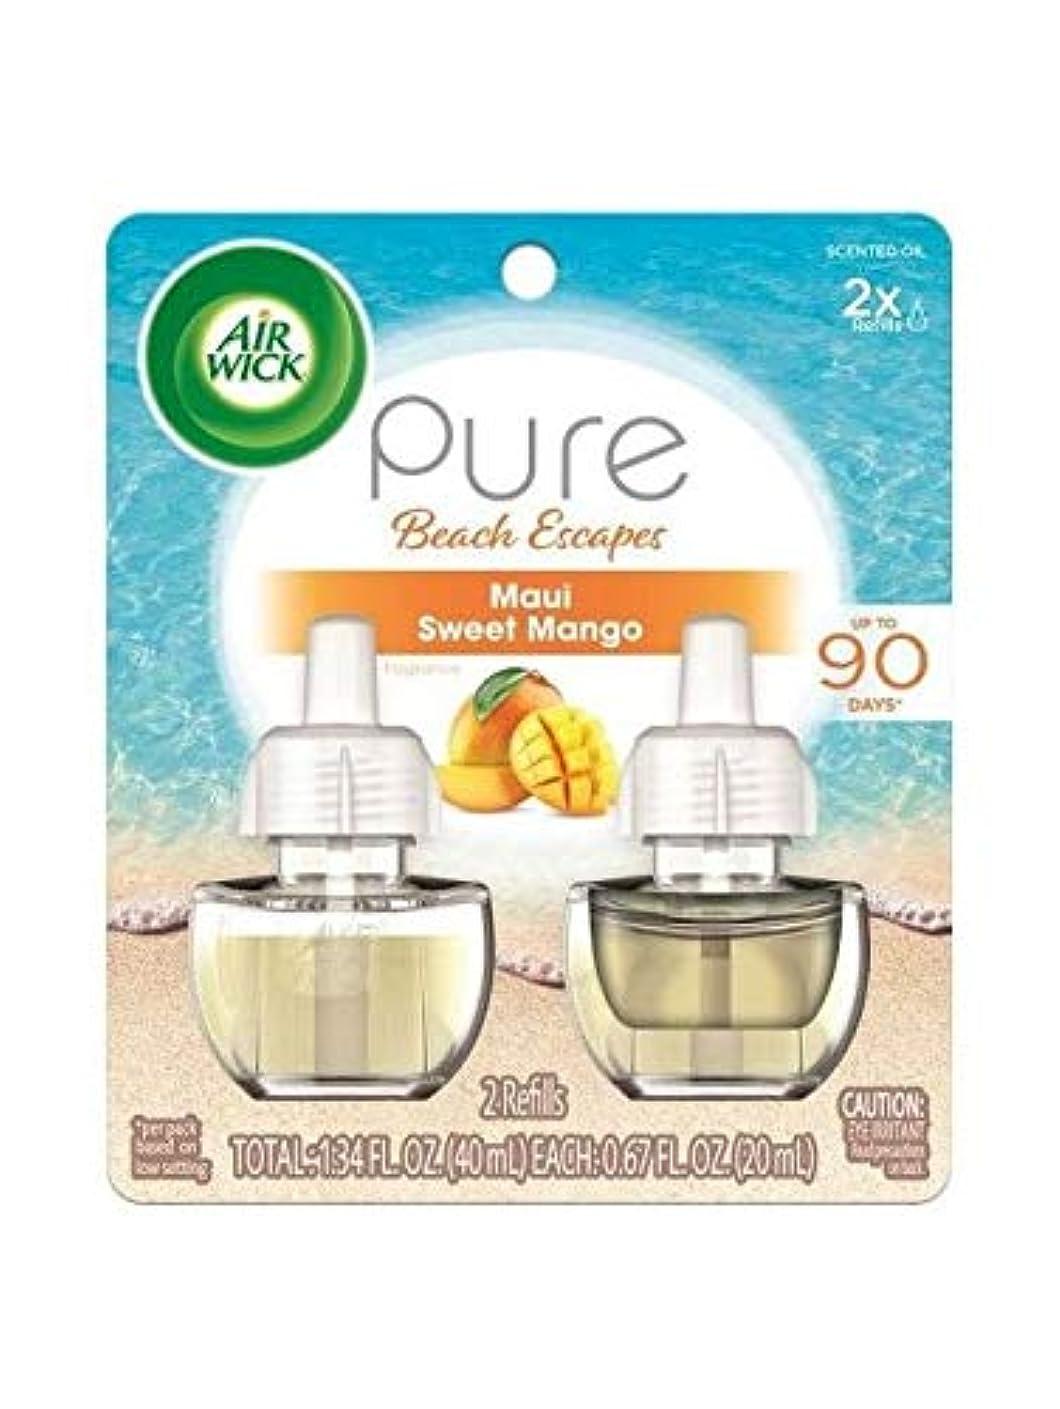 ピンコショウいちゃつく【Air Wick/エアーウィック】 プラグインオイル詰替えリフィル(2個入り) マウイ スイートマンゴー Air Wick Scented Oil Twin Refill Pure Beach Escapes Maui Sweet Mango (2X.67) Oz. [並行輸入品]